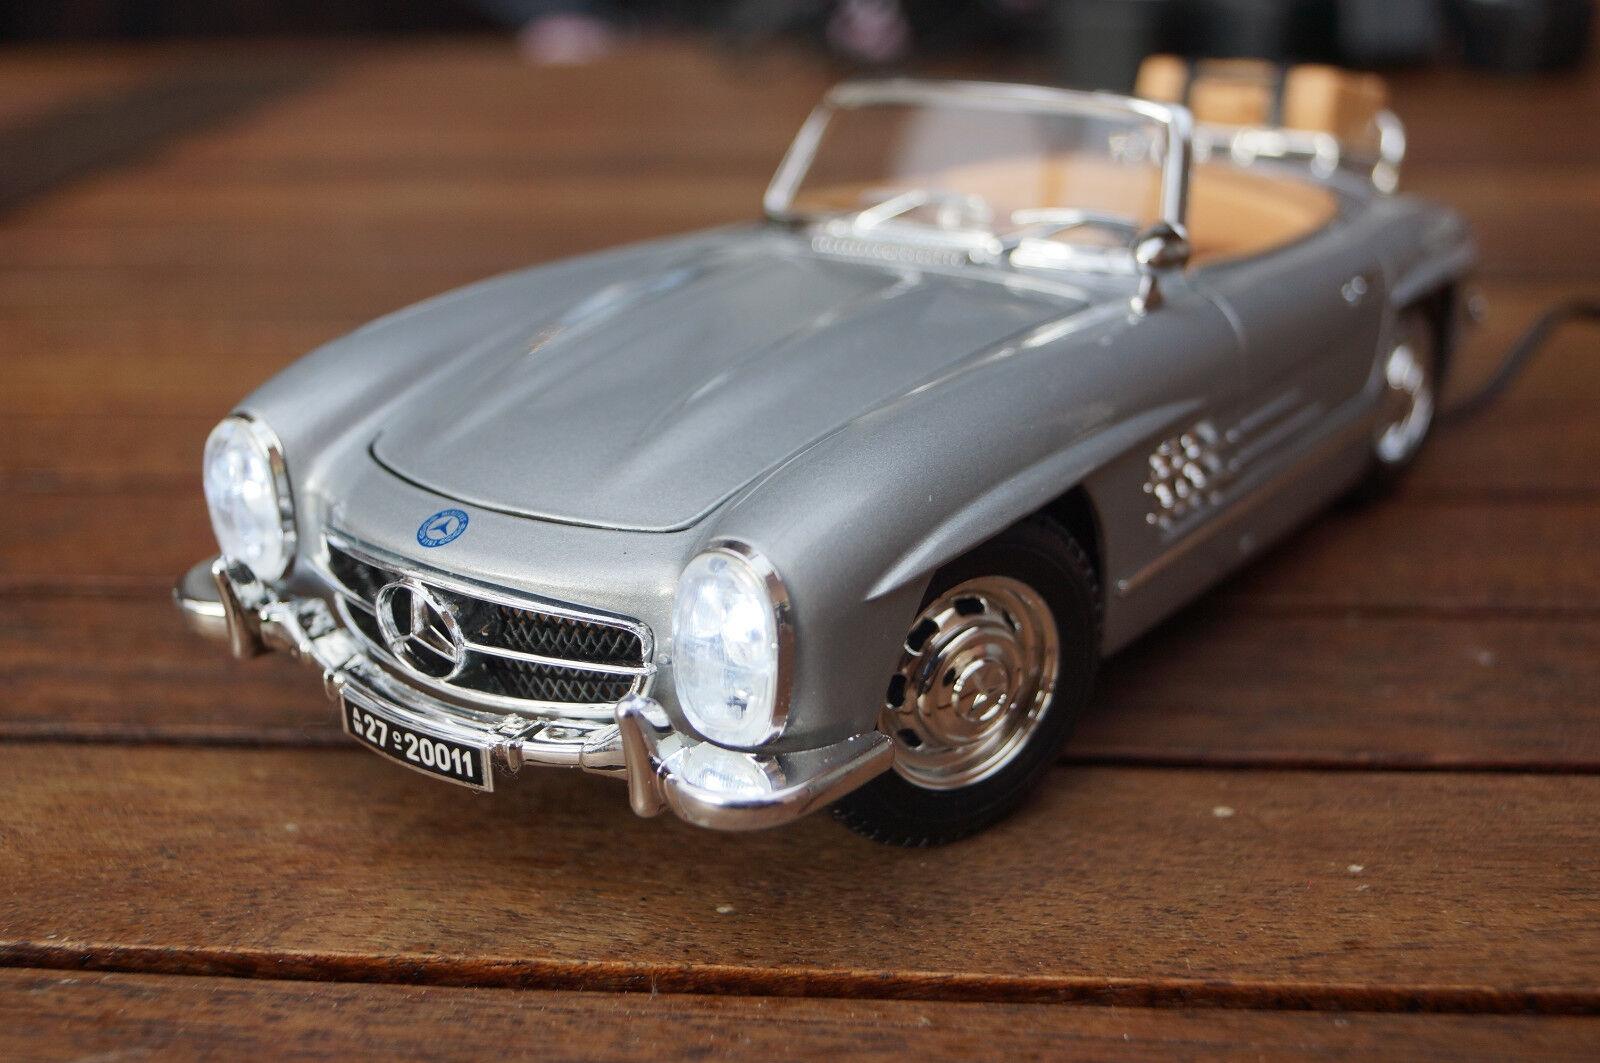 1957 Mercedes-Benz 300  SL 1 18 avec DEL-éclairage (Xénon) Bburago Argent  bas prix